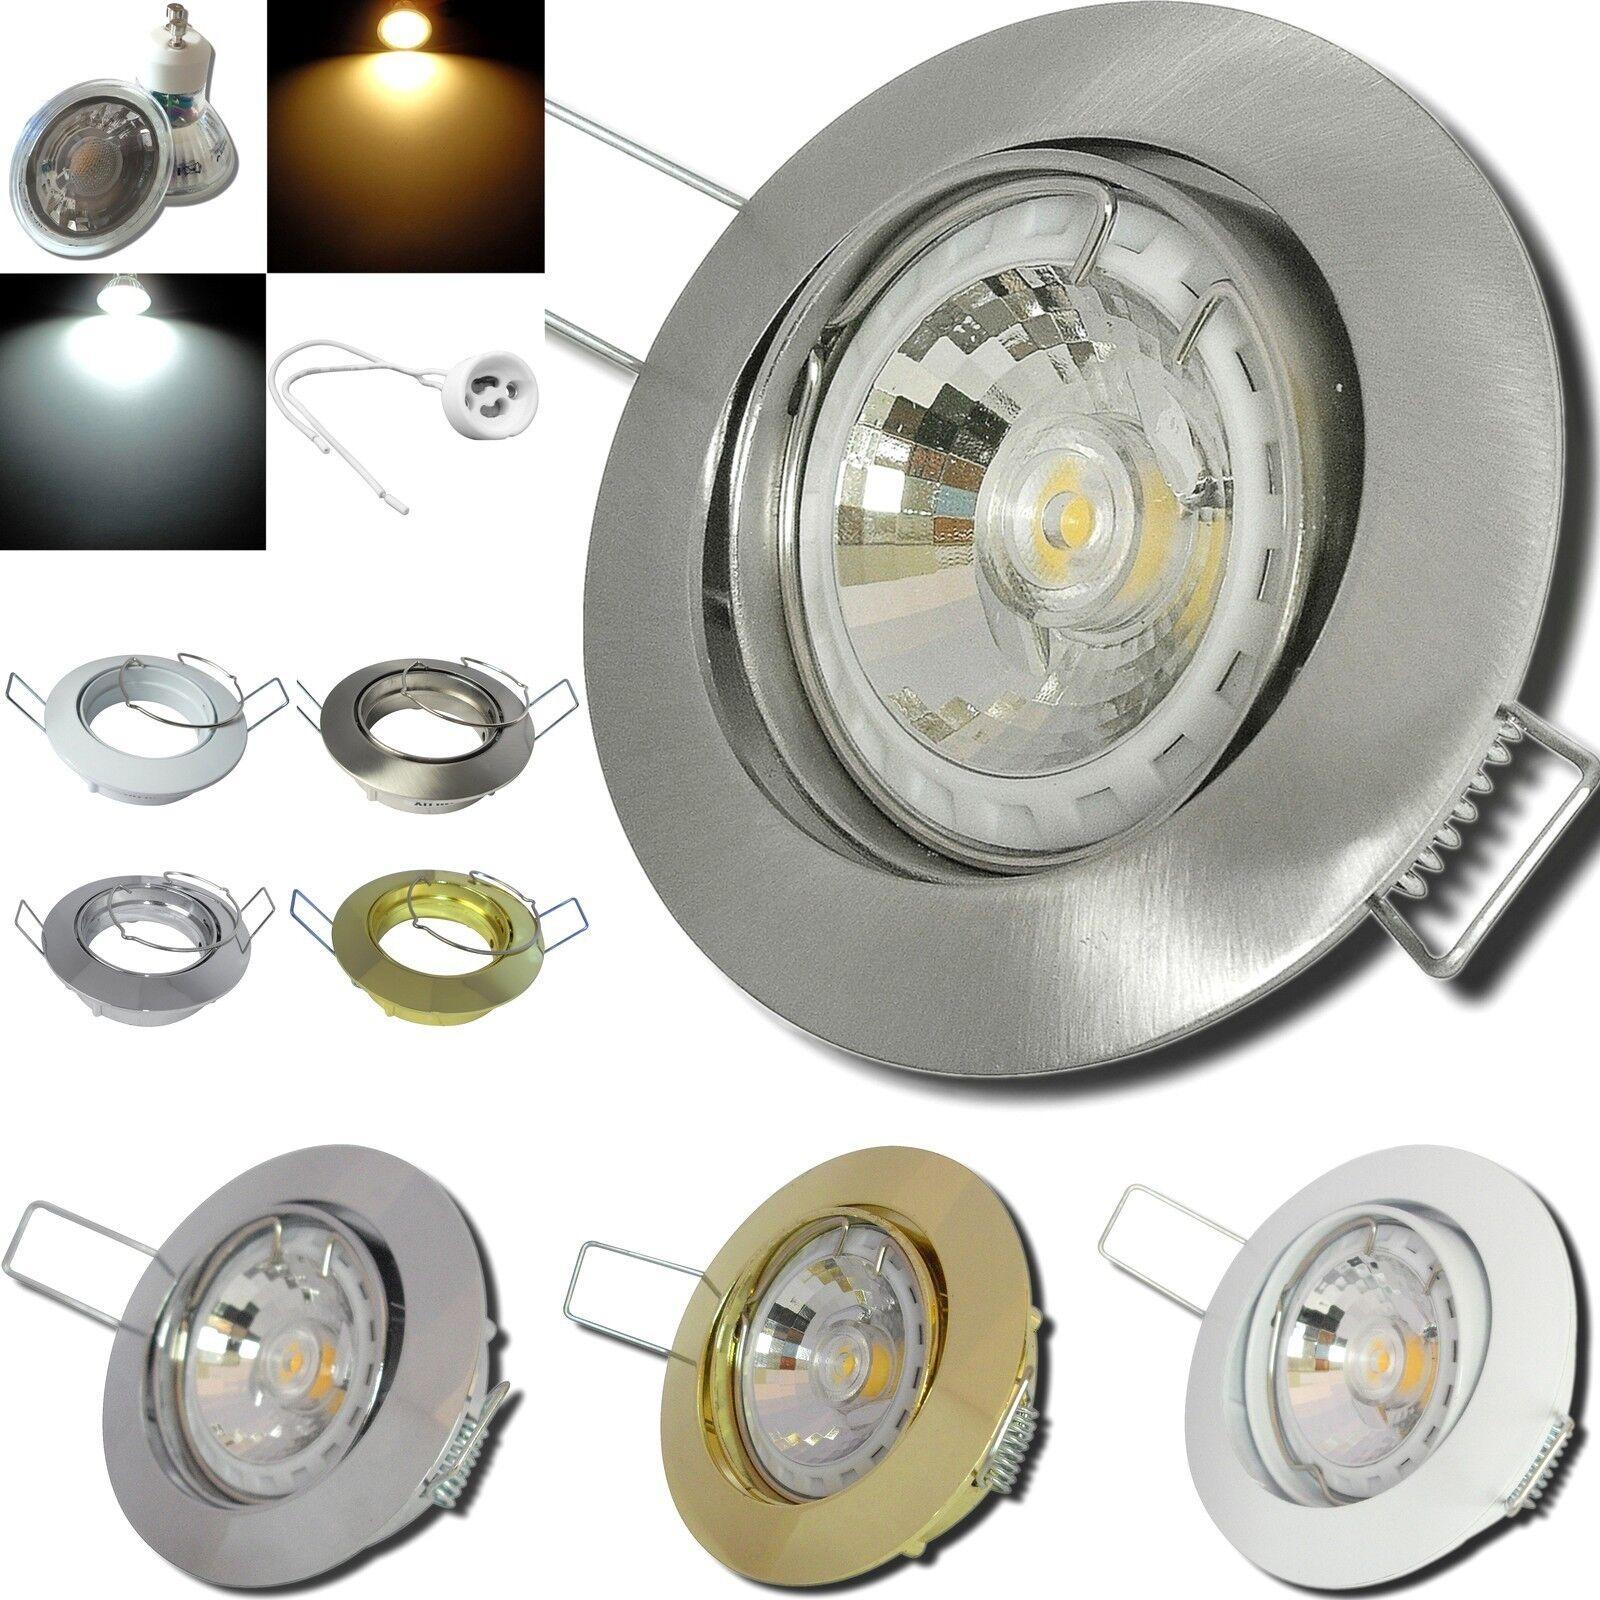 LED Einbauspots Fabian   5W   Alu   EEK A+   IP20   230Volt   Gu10    Federring